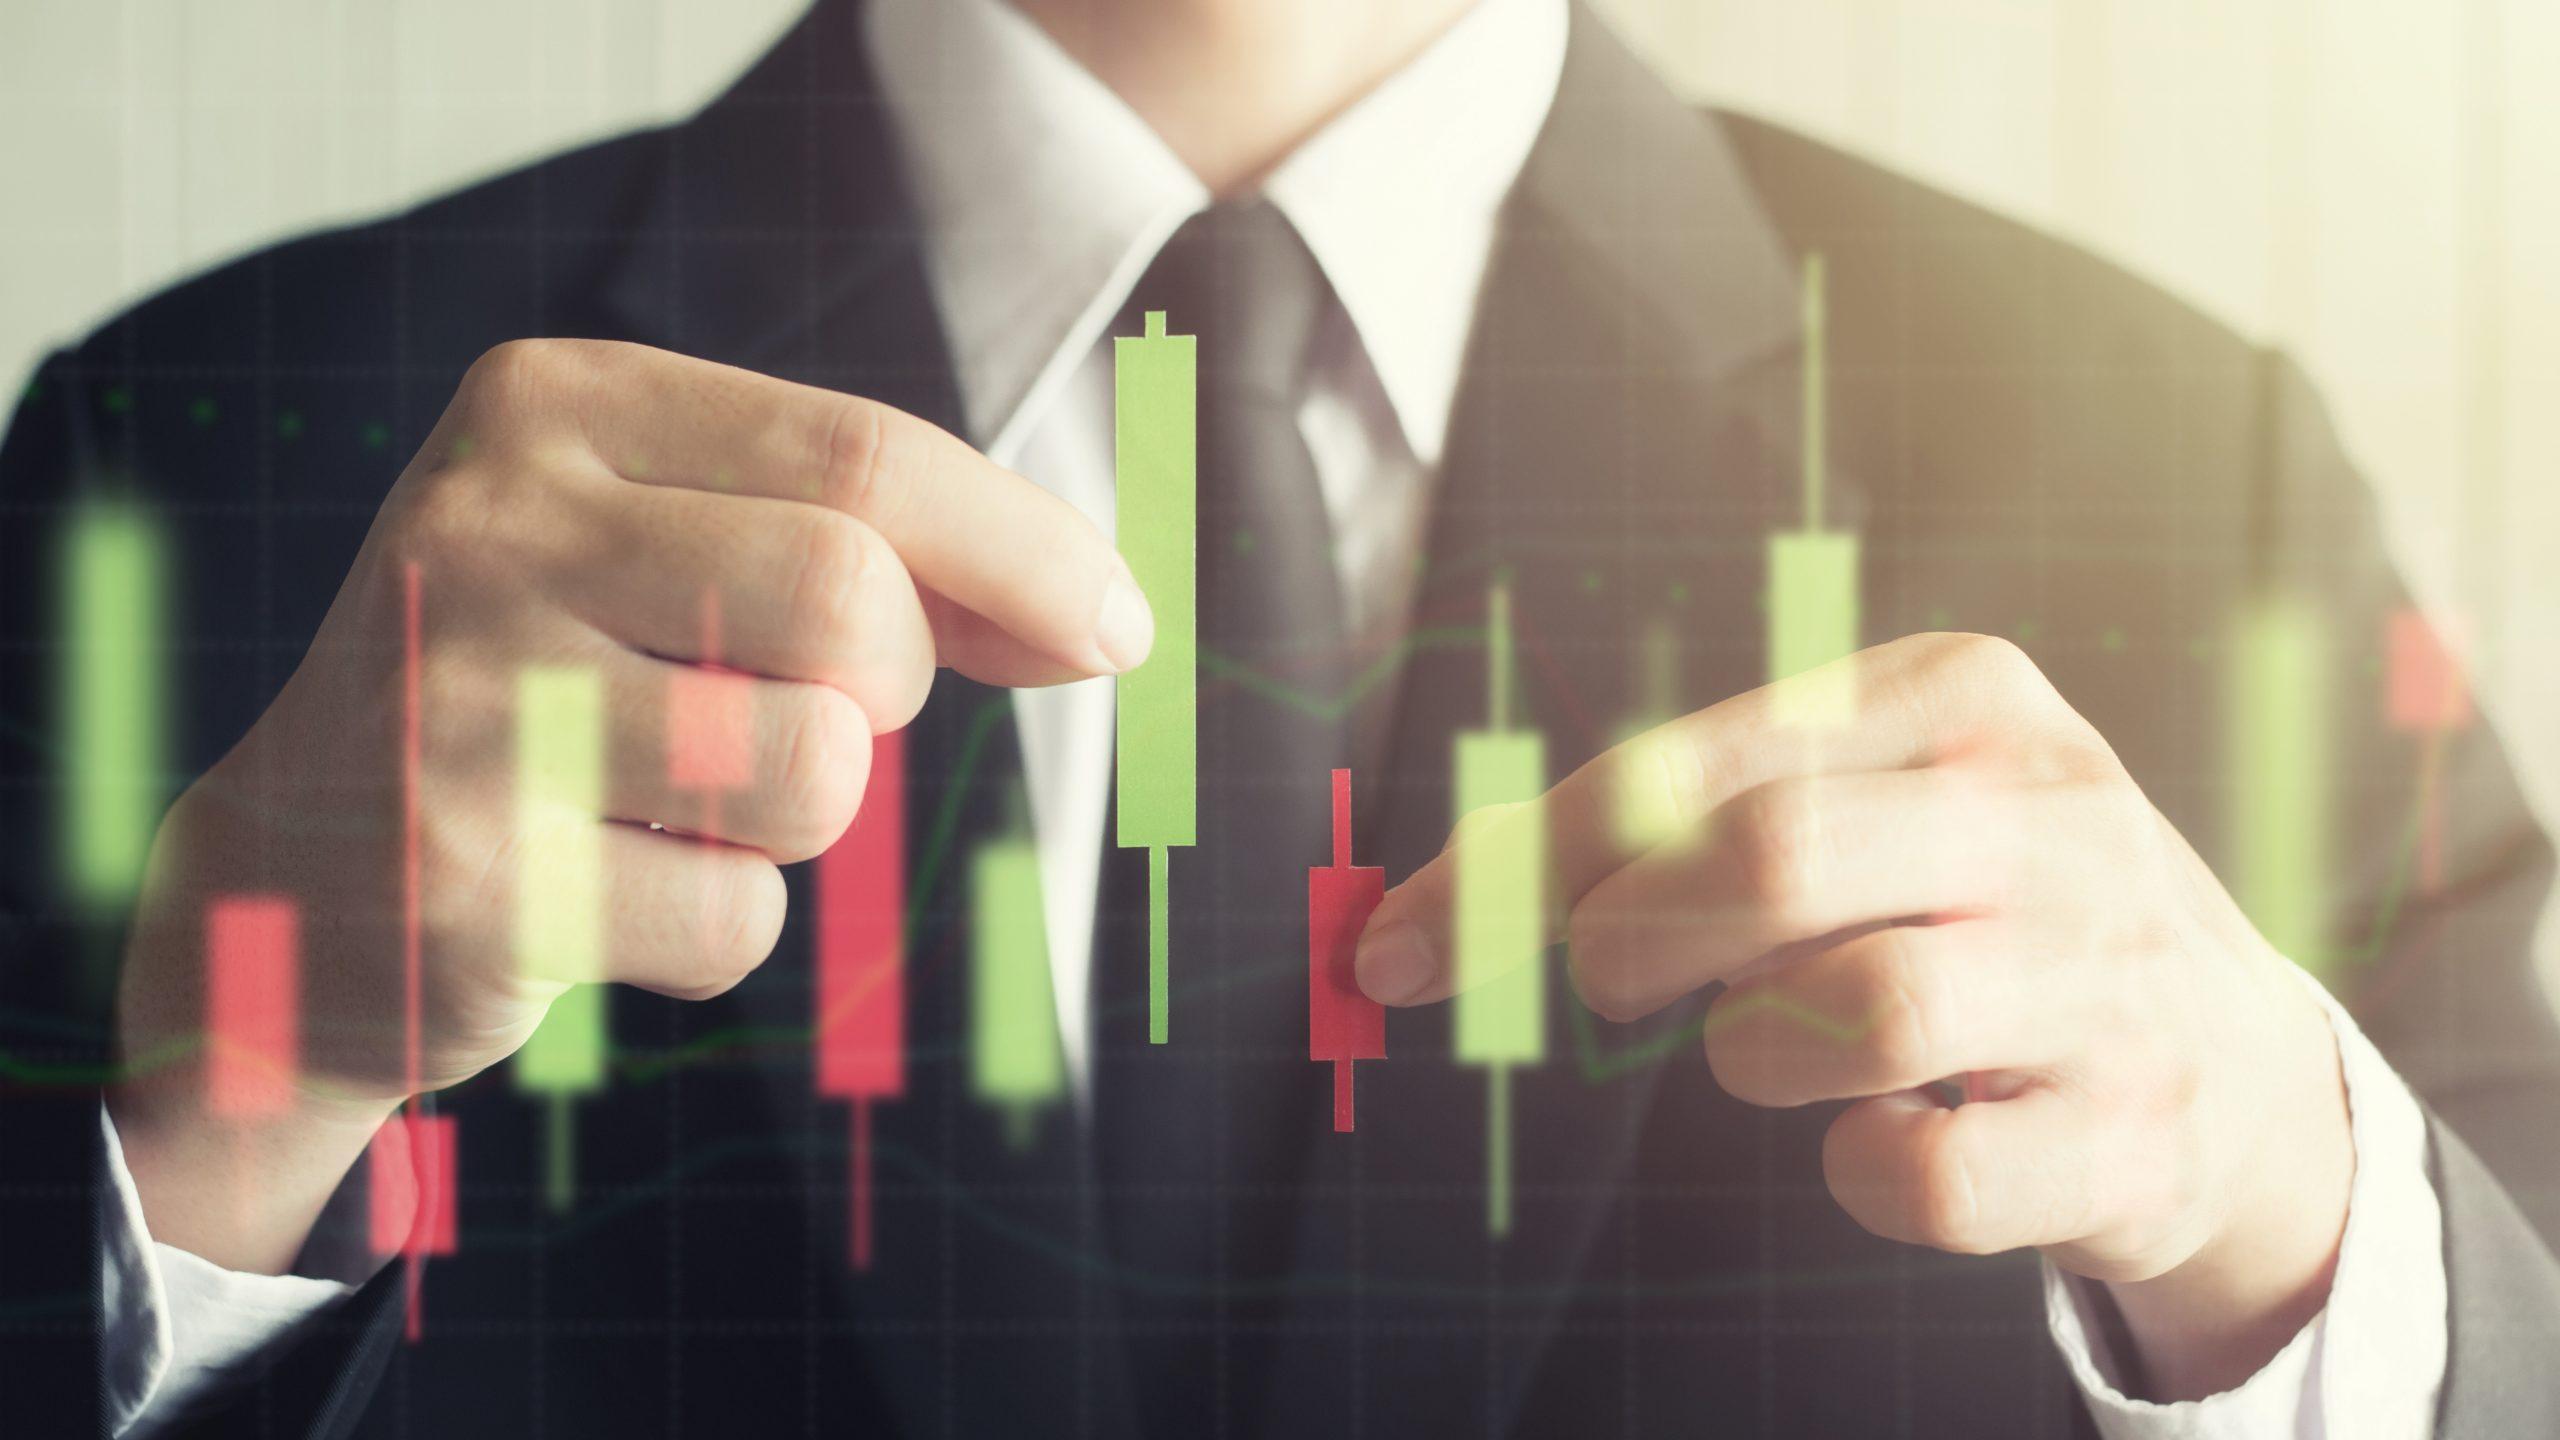 bitcoin btc fiyat analizi guclu bir toparlanma hedefliyor onemli seviyeler neler